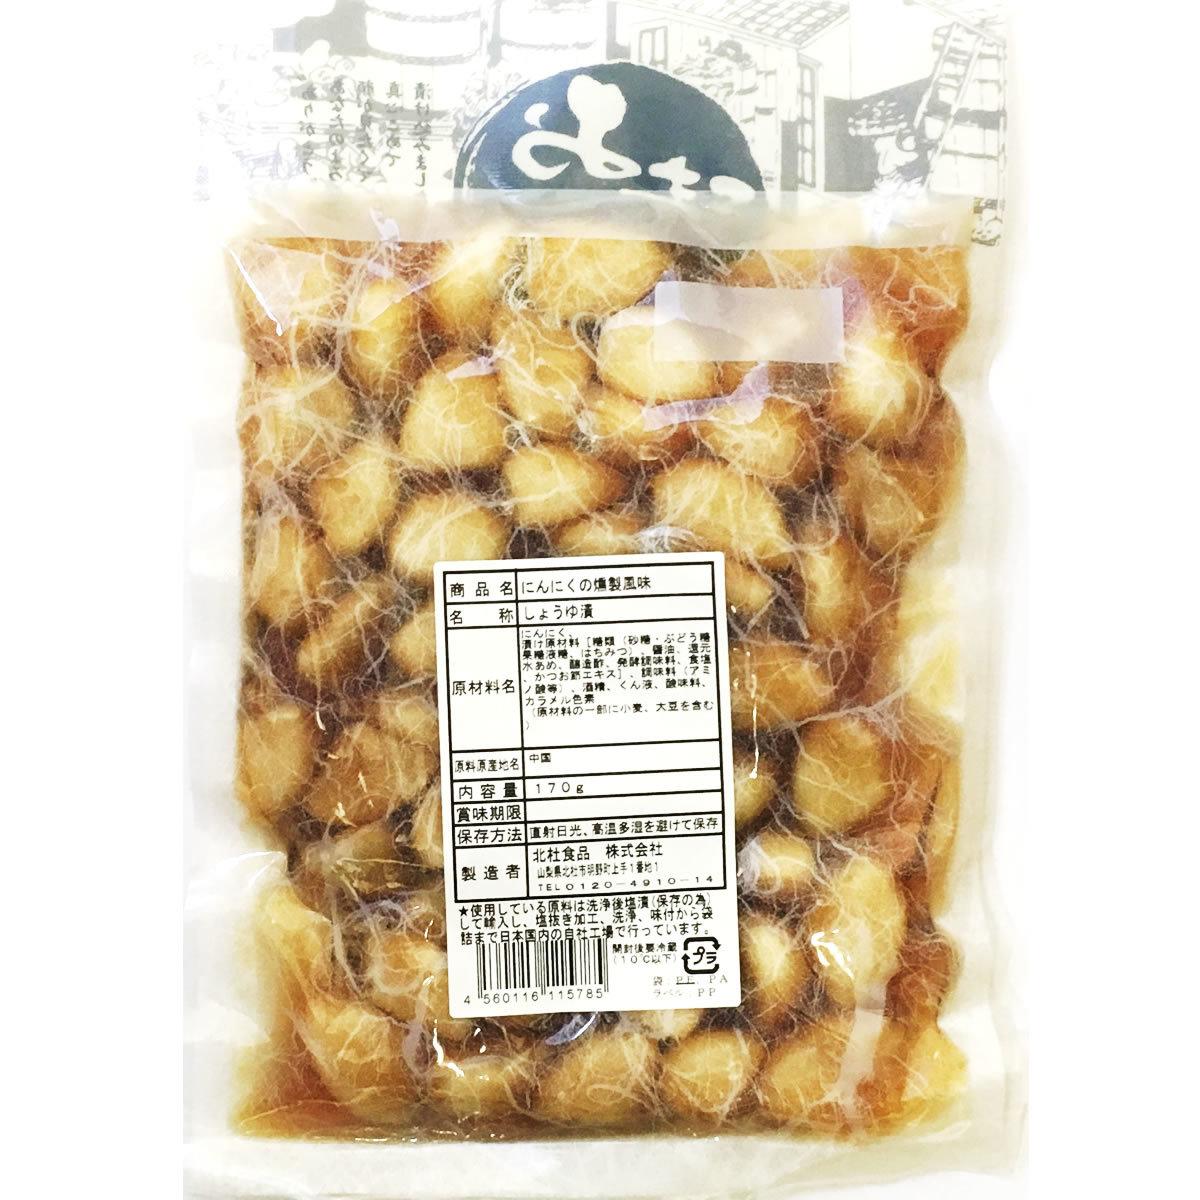 北杜食品 たまりにんにく&にんにくの燻製風味 国内加工品 各1袋お試しセット_画像5